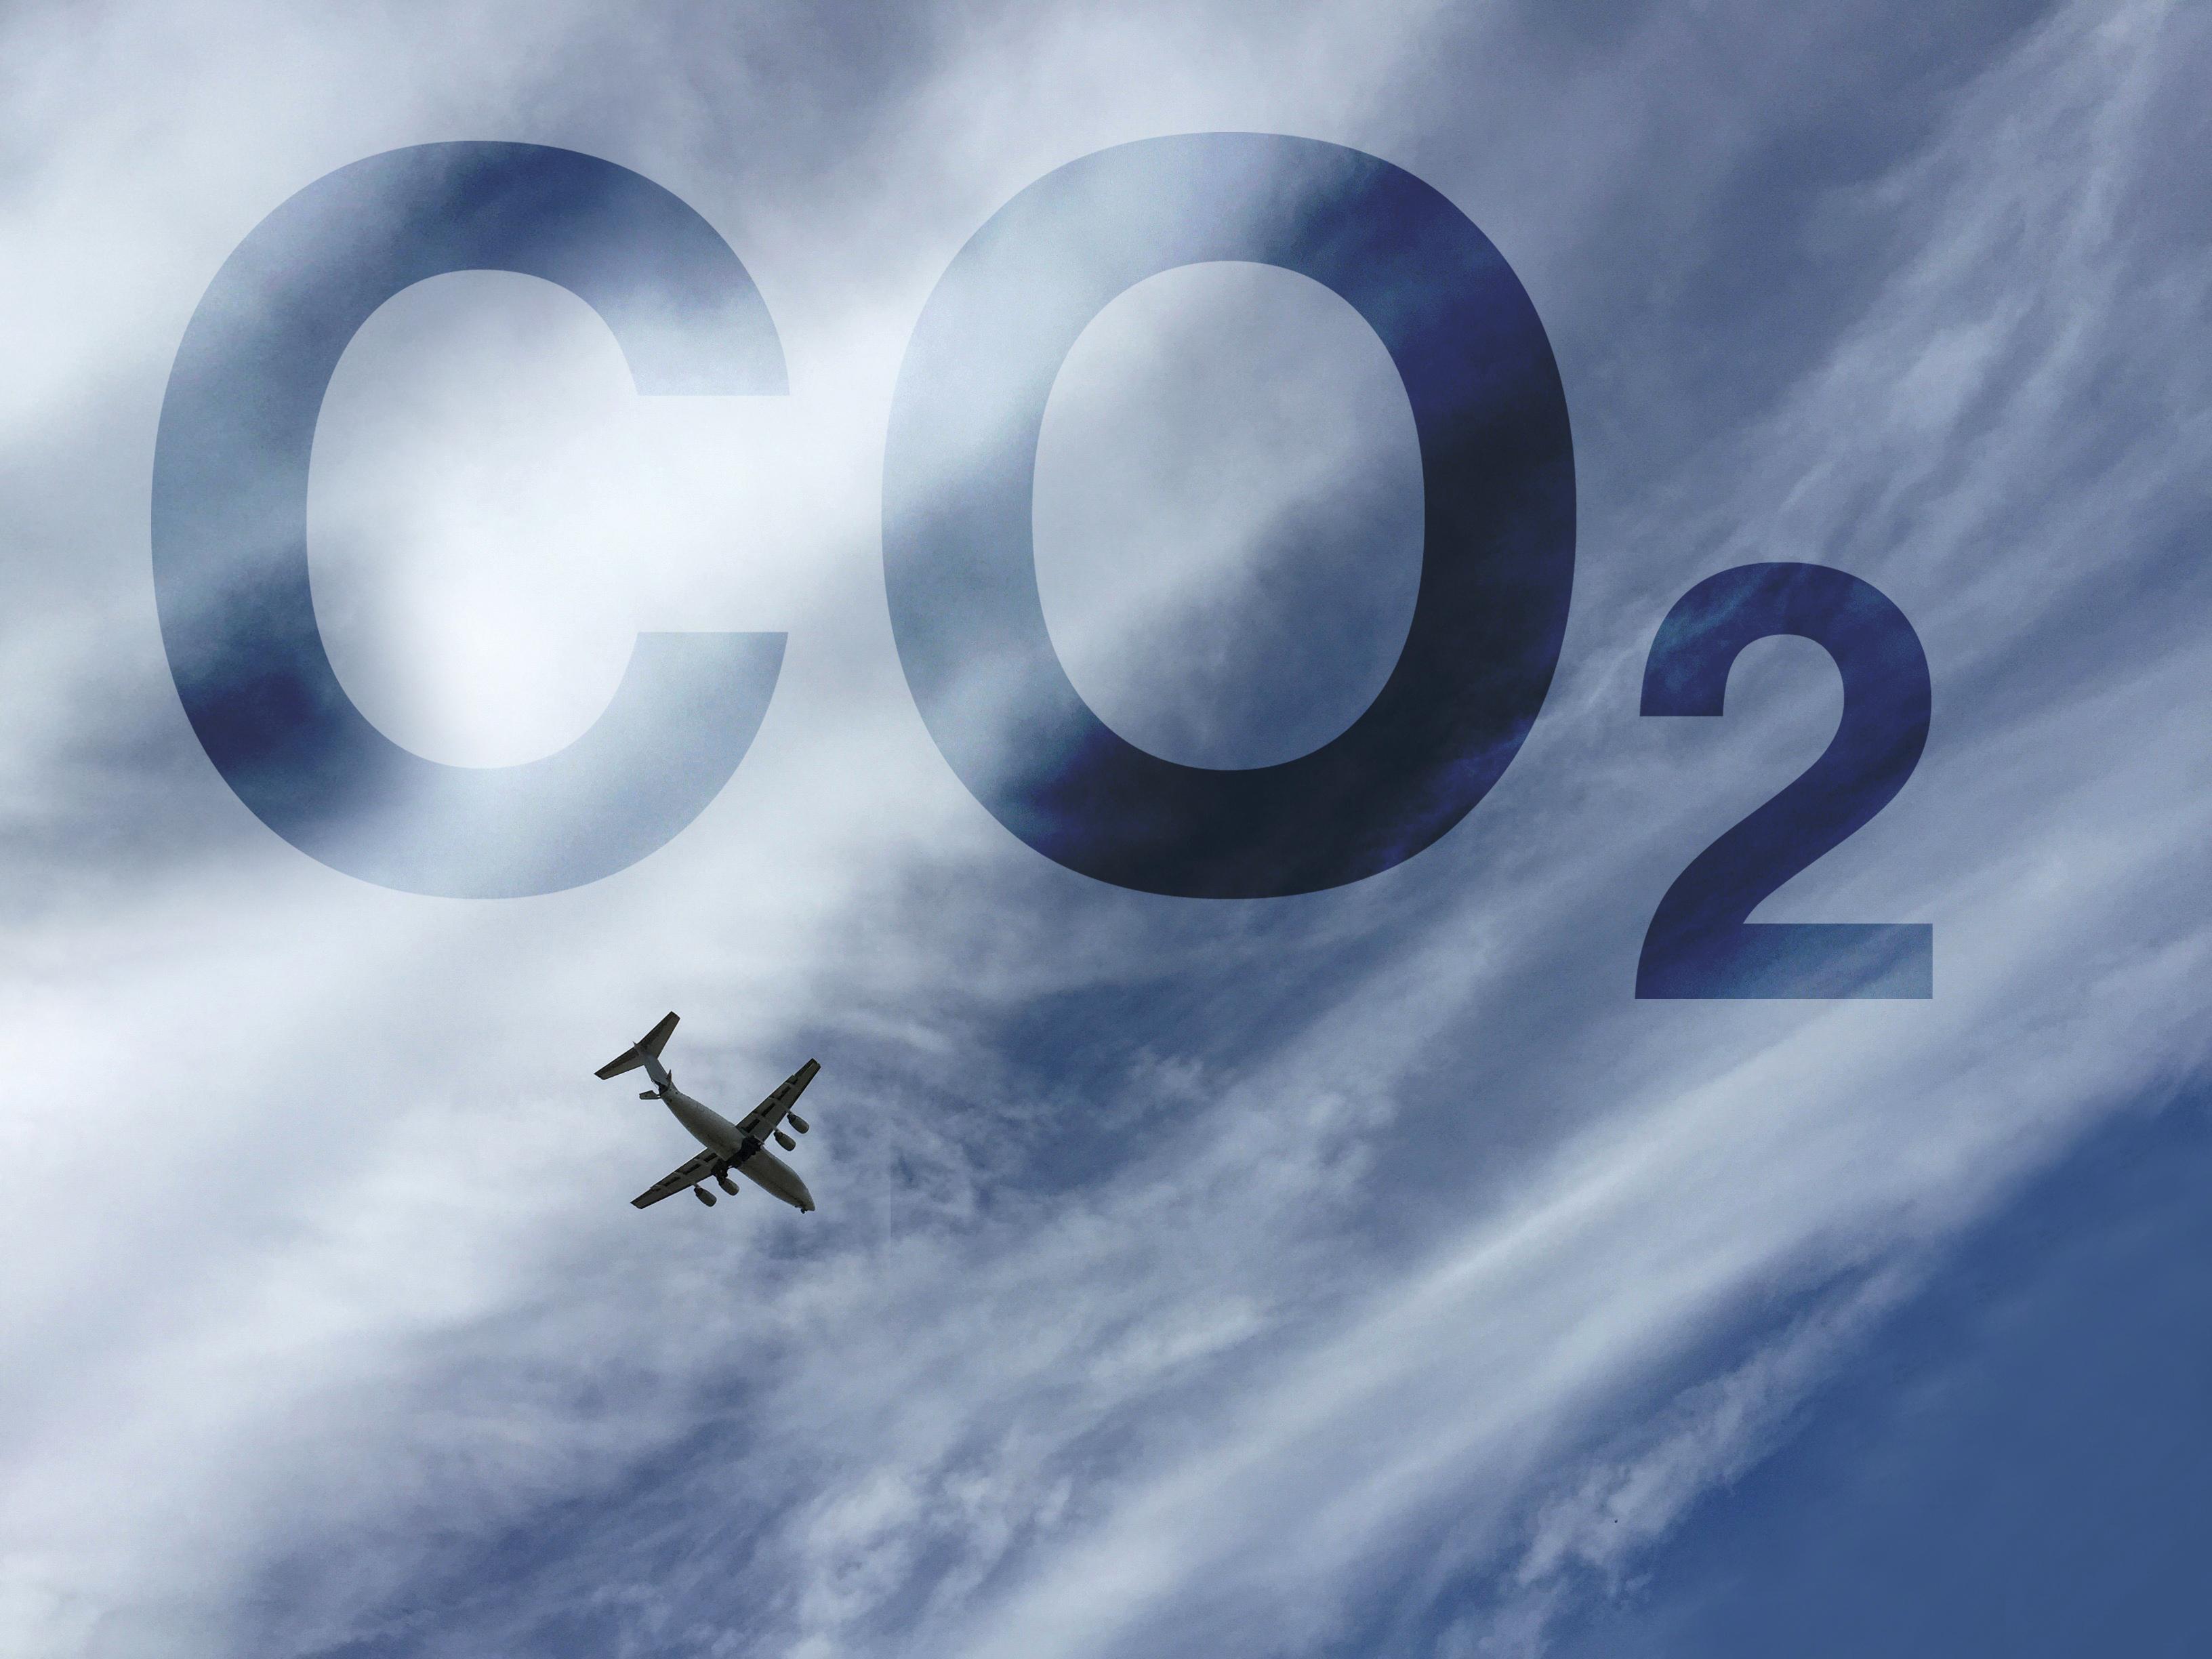 Reduzir a pegada ecológica ao viajar de avião